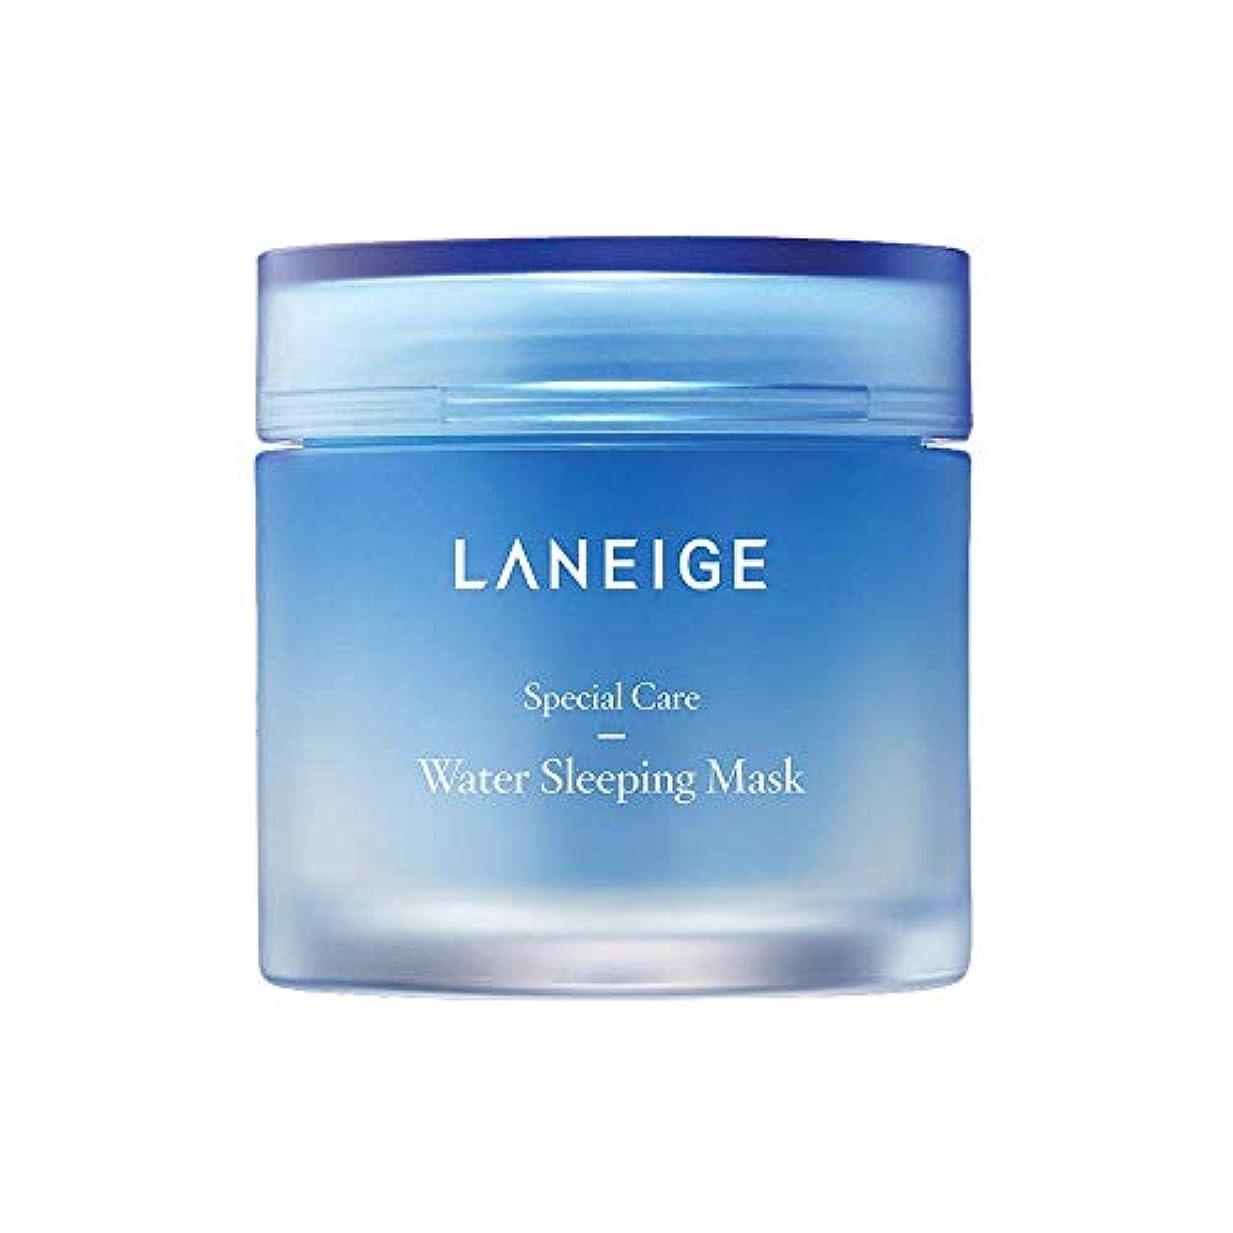 レール構成する小道Water Sleeping Mask 70ml/ウォーター スリーピング マスク 70ml [50個限定!人気商品のサンプルプレゼント!]